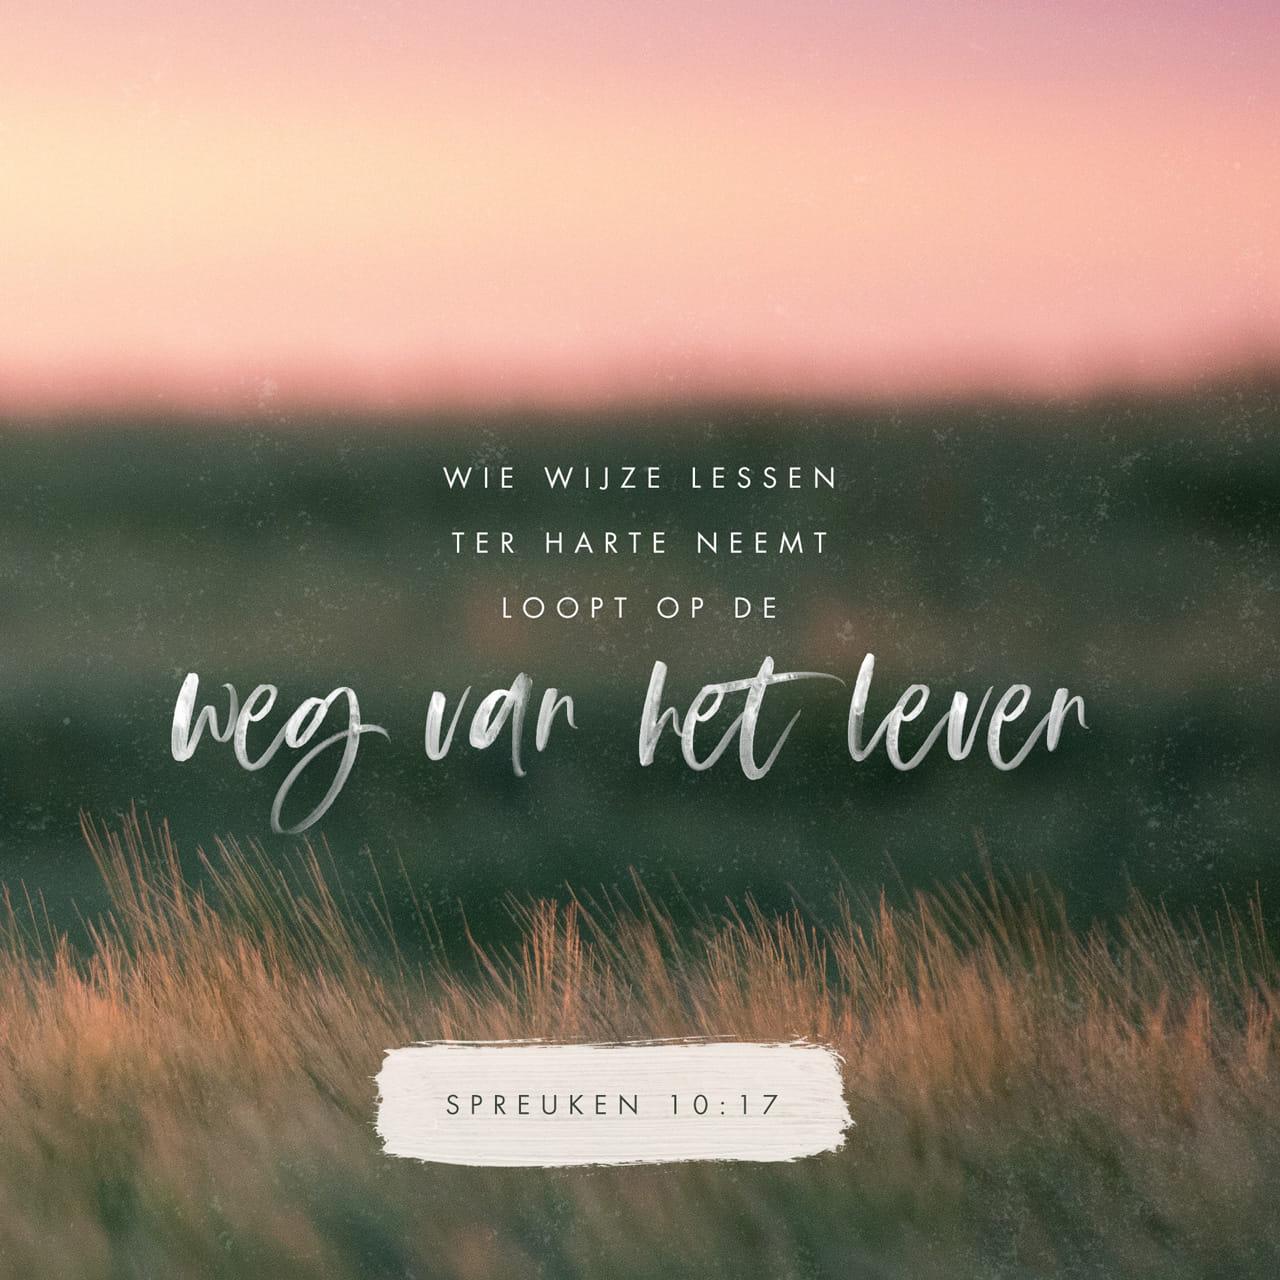 wijze spreuken leven Spreuken 10:17 Wie wijze lessen ter harte neemt, loopt op de weg  wijze spreuken leven